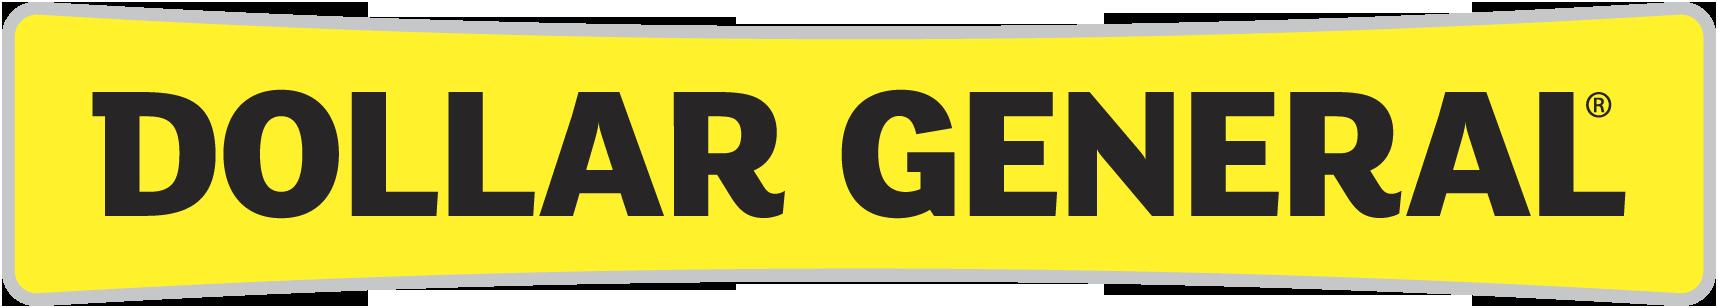 Image result for dollar general png